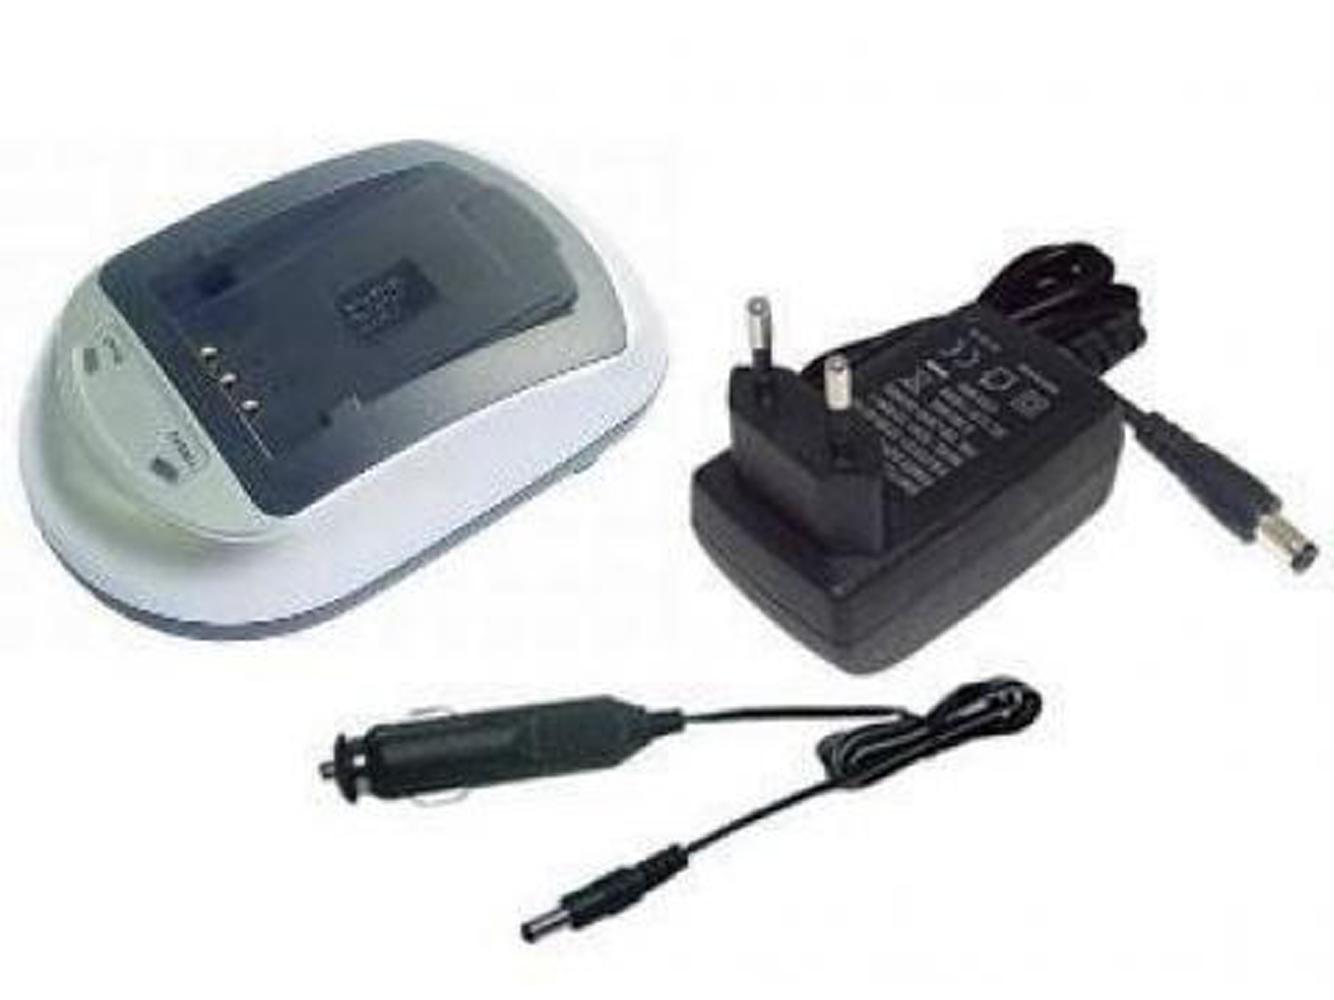 Battery Charger for NIKON 9904, BP-NKL2, DDEN-EL2, EN-EL2, MH-60